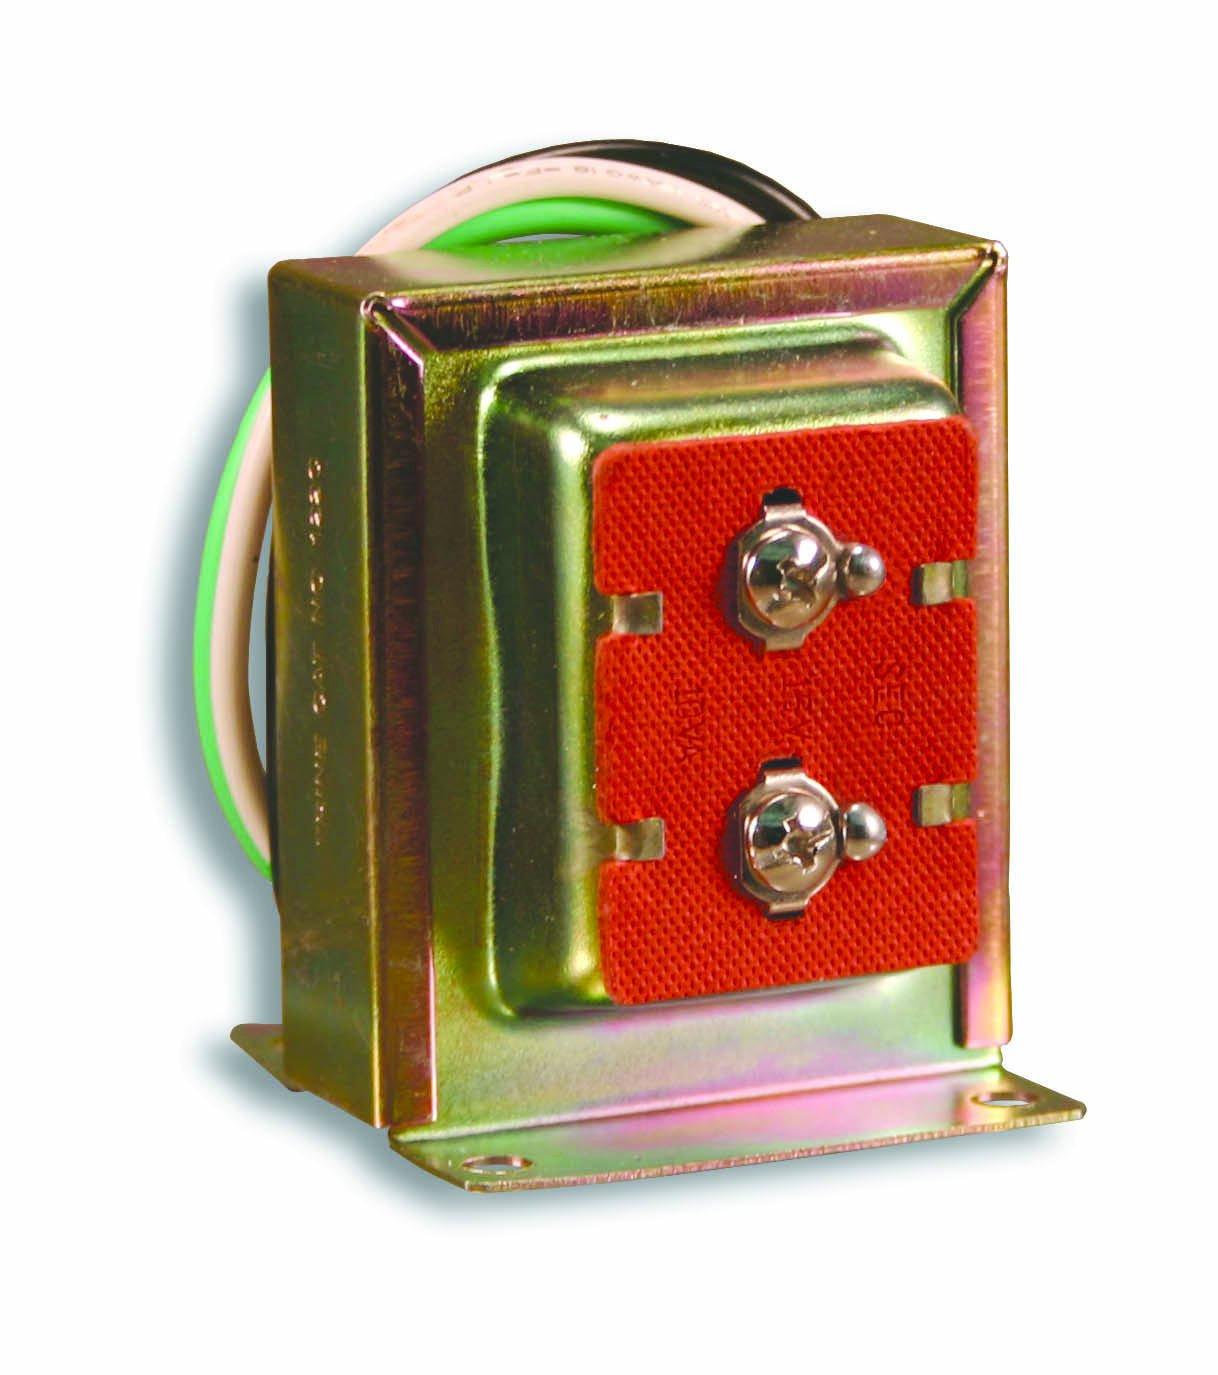 Heath Zenith SL-122-02 Ten-Volt Lock-Nut Transformer